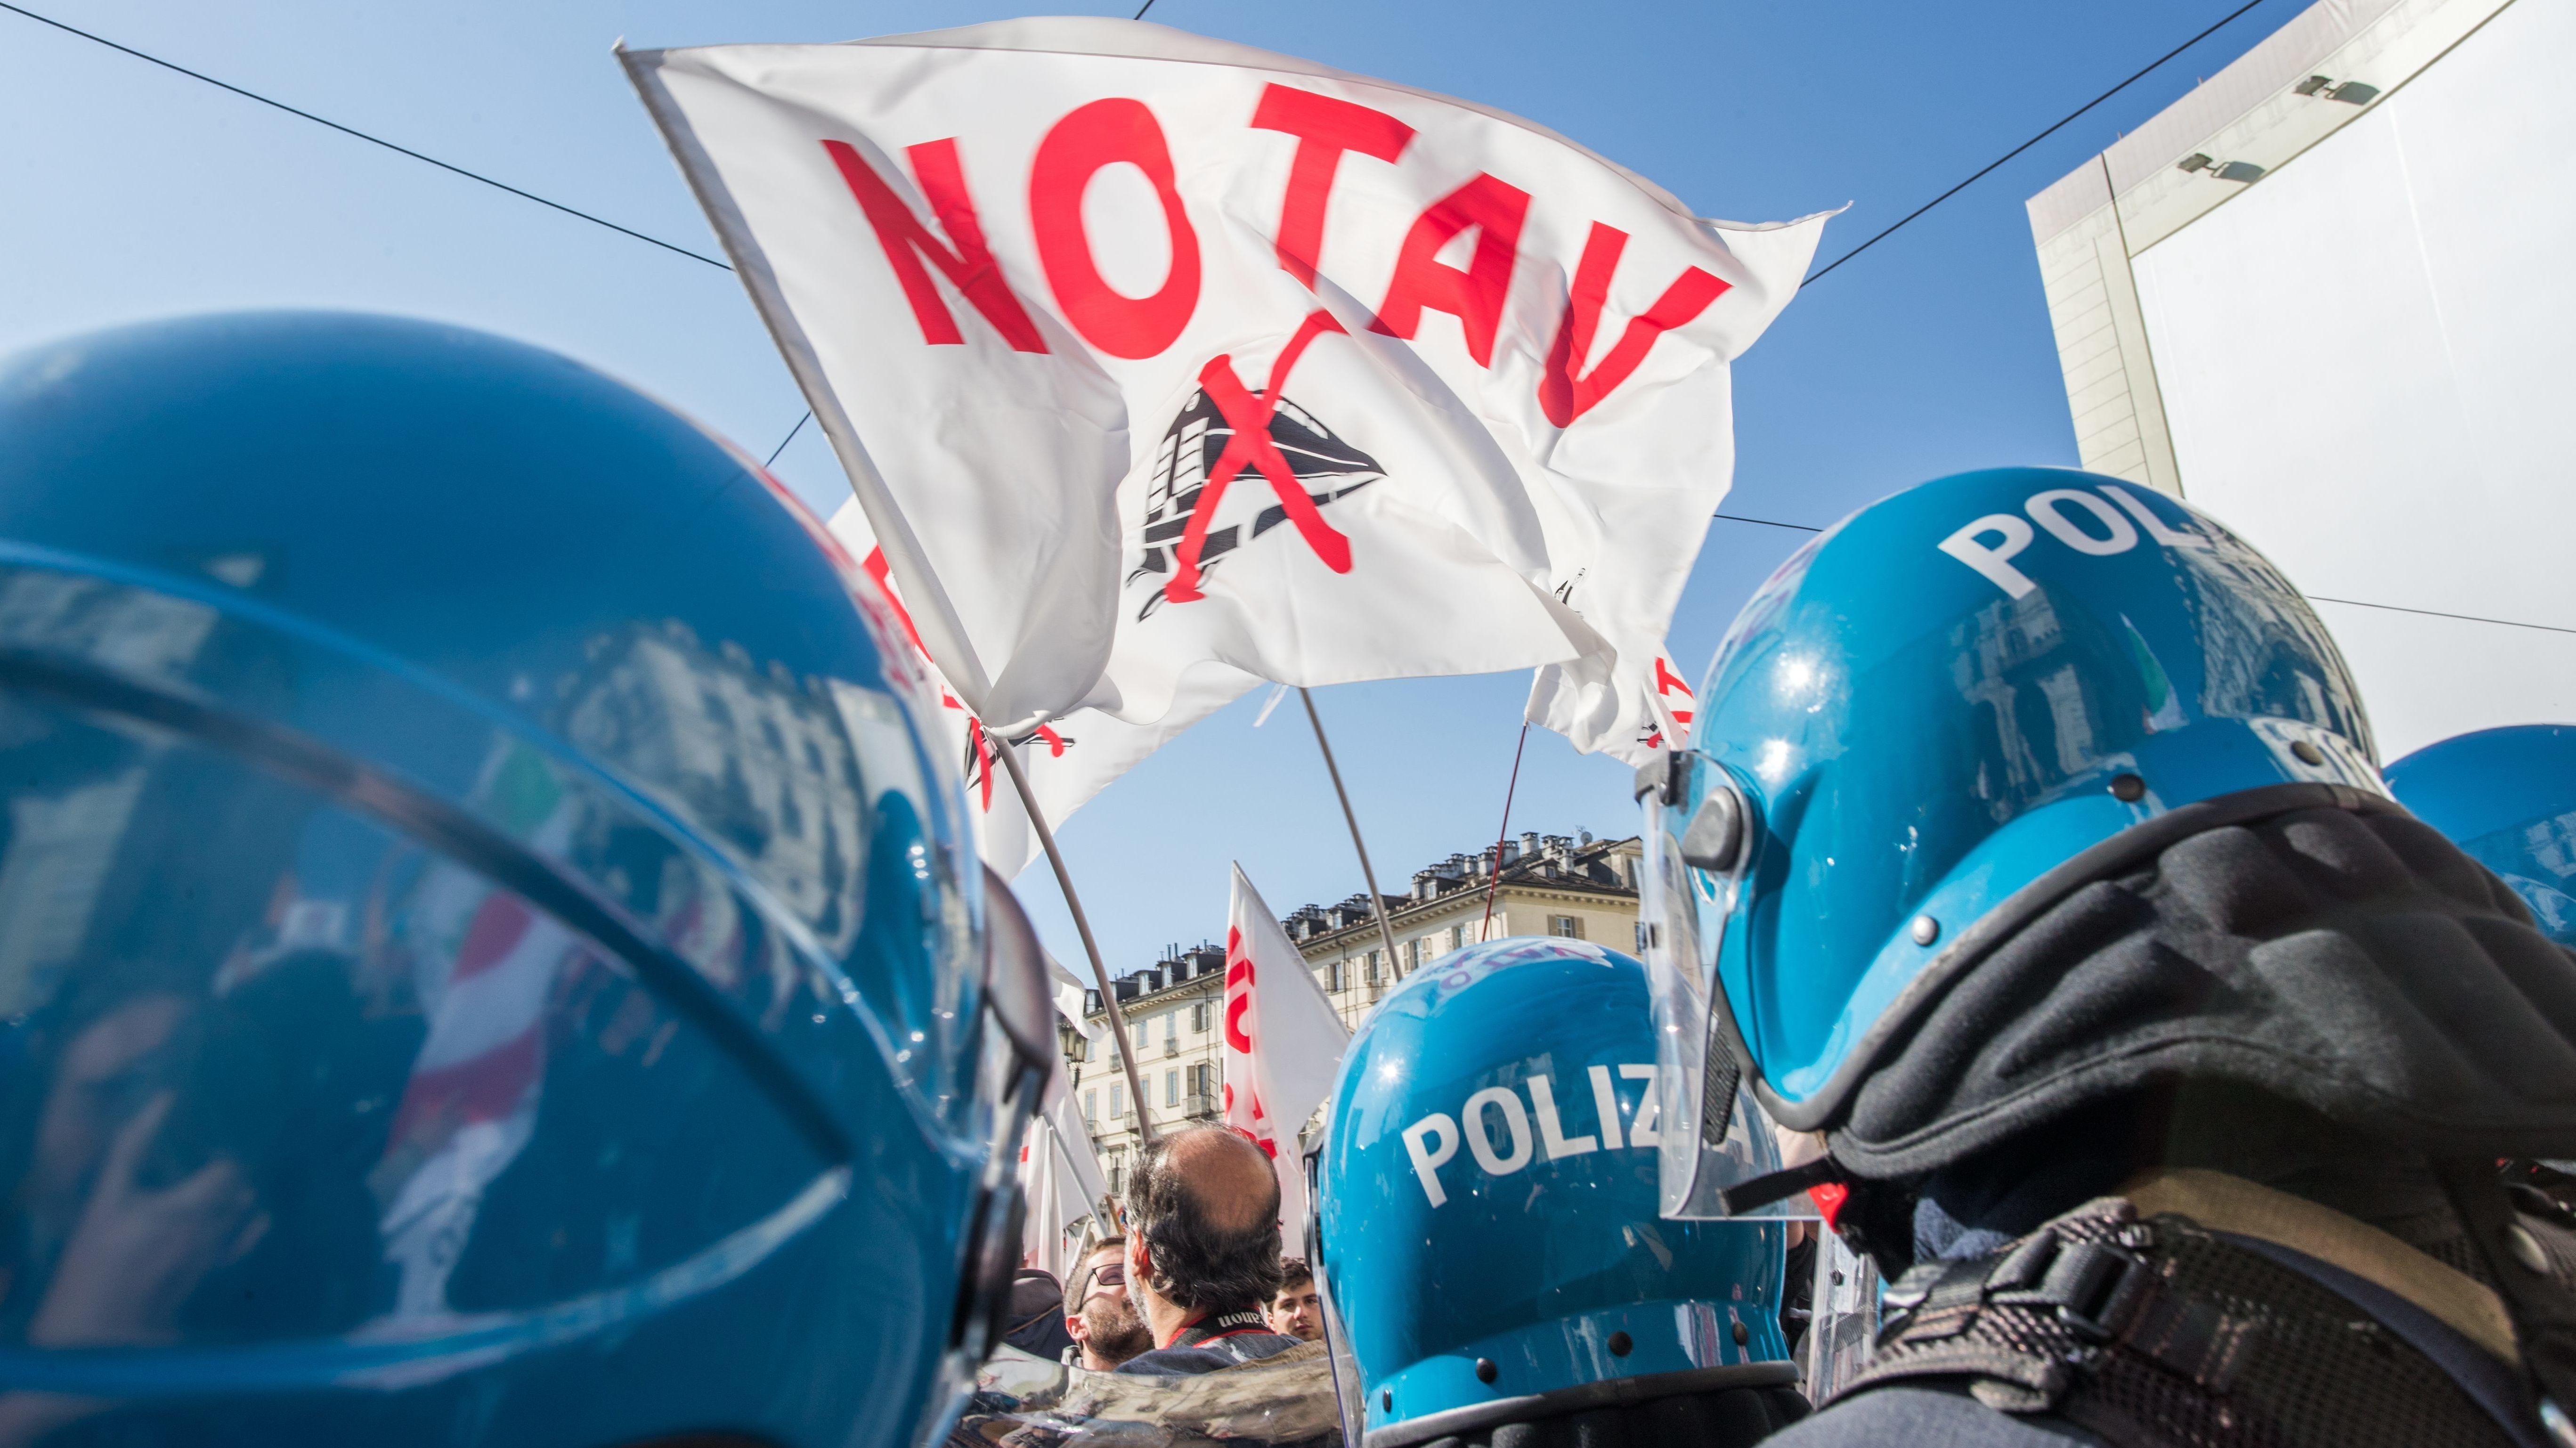 Gegner des TAV halten bei einer Demonstration eine No-TAV-Fahne hoch. Polizisten mit blauen Helmen stehen ihnen gegenüber.